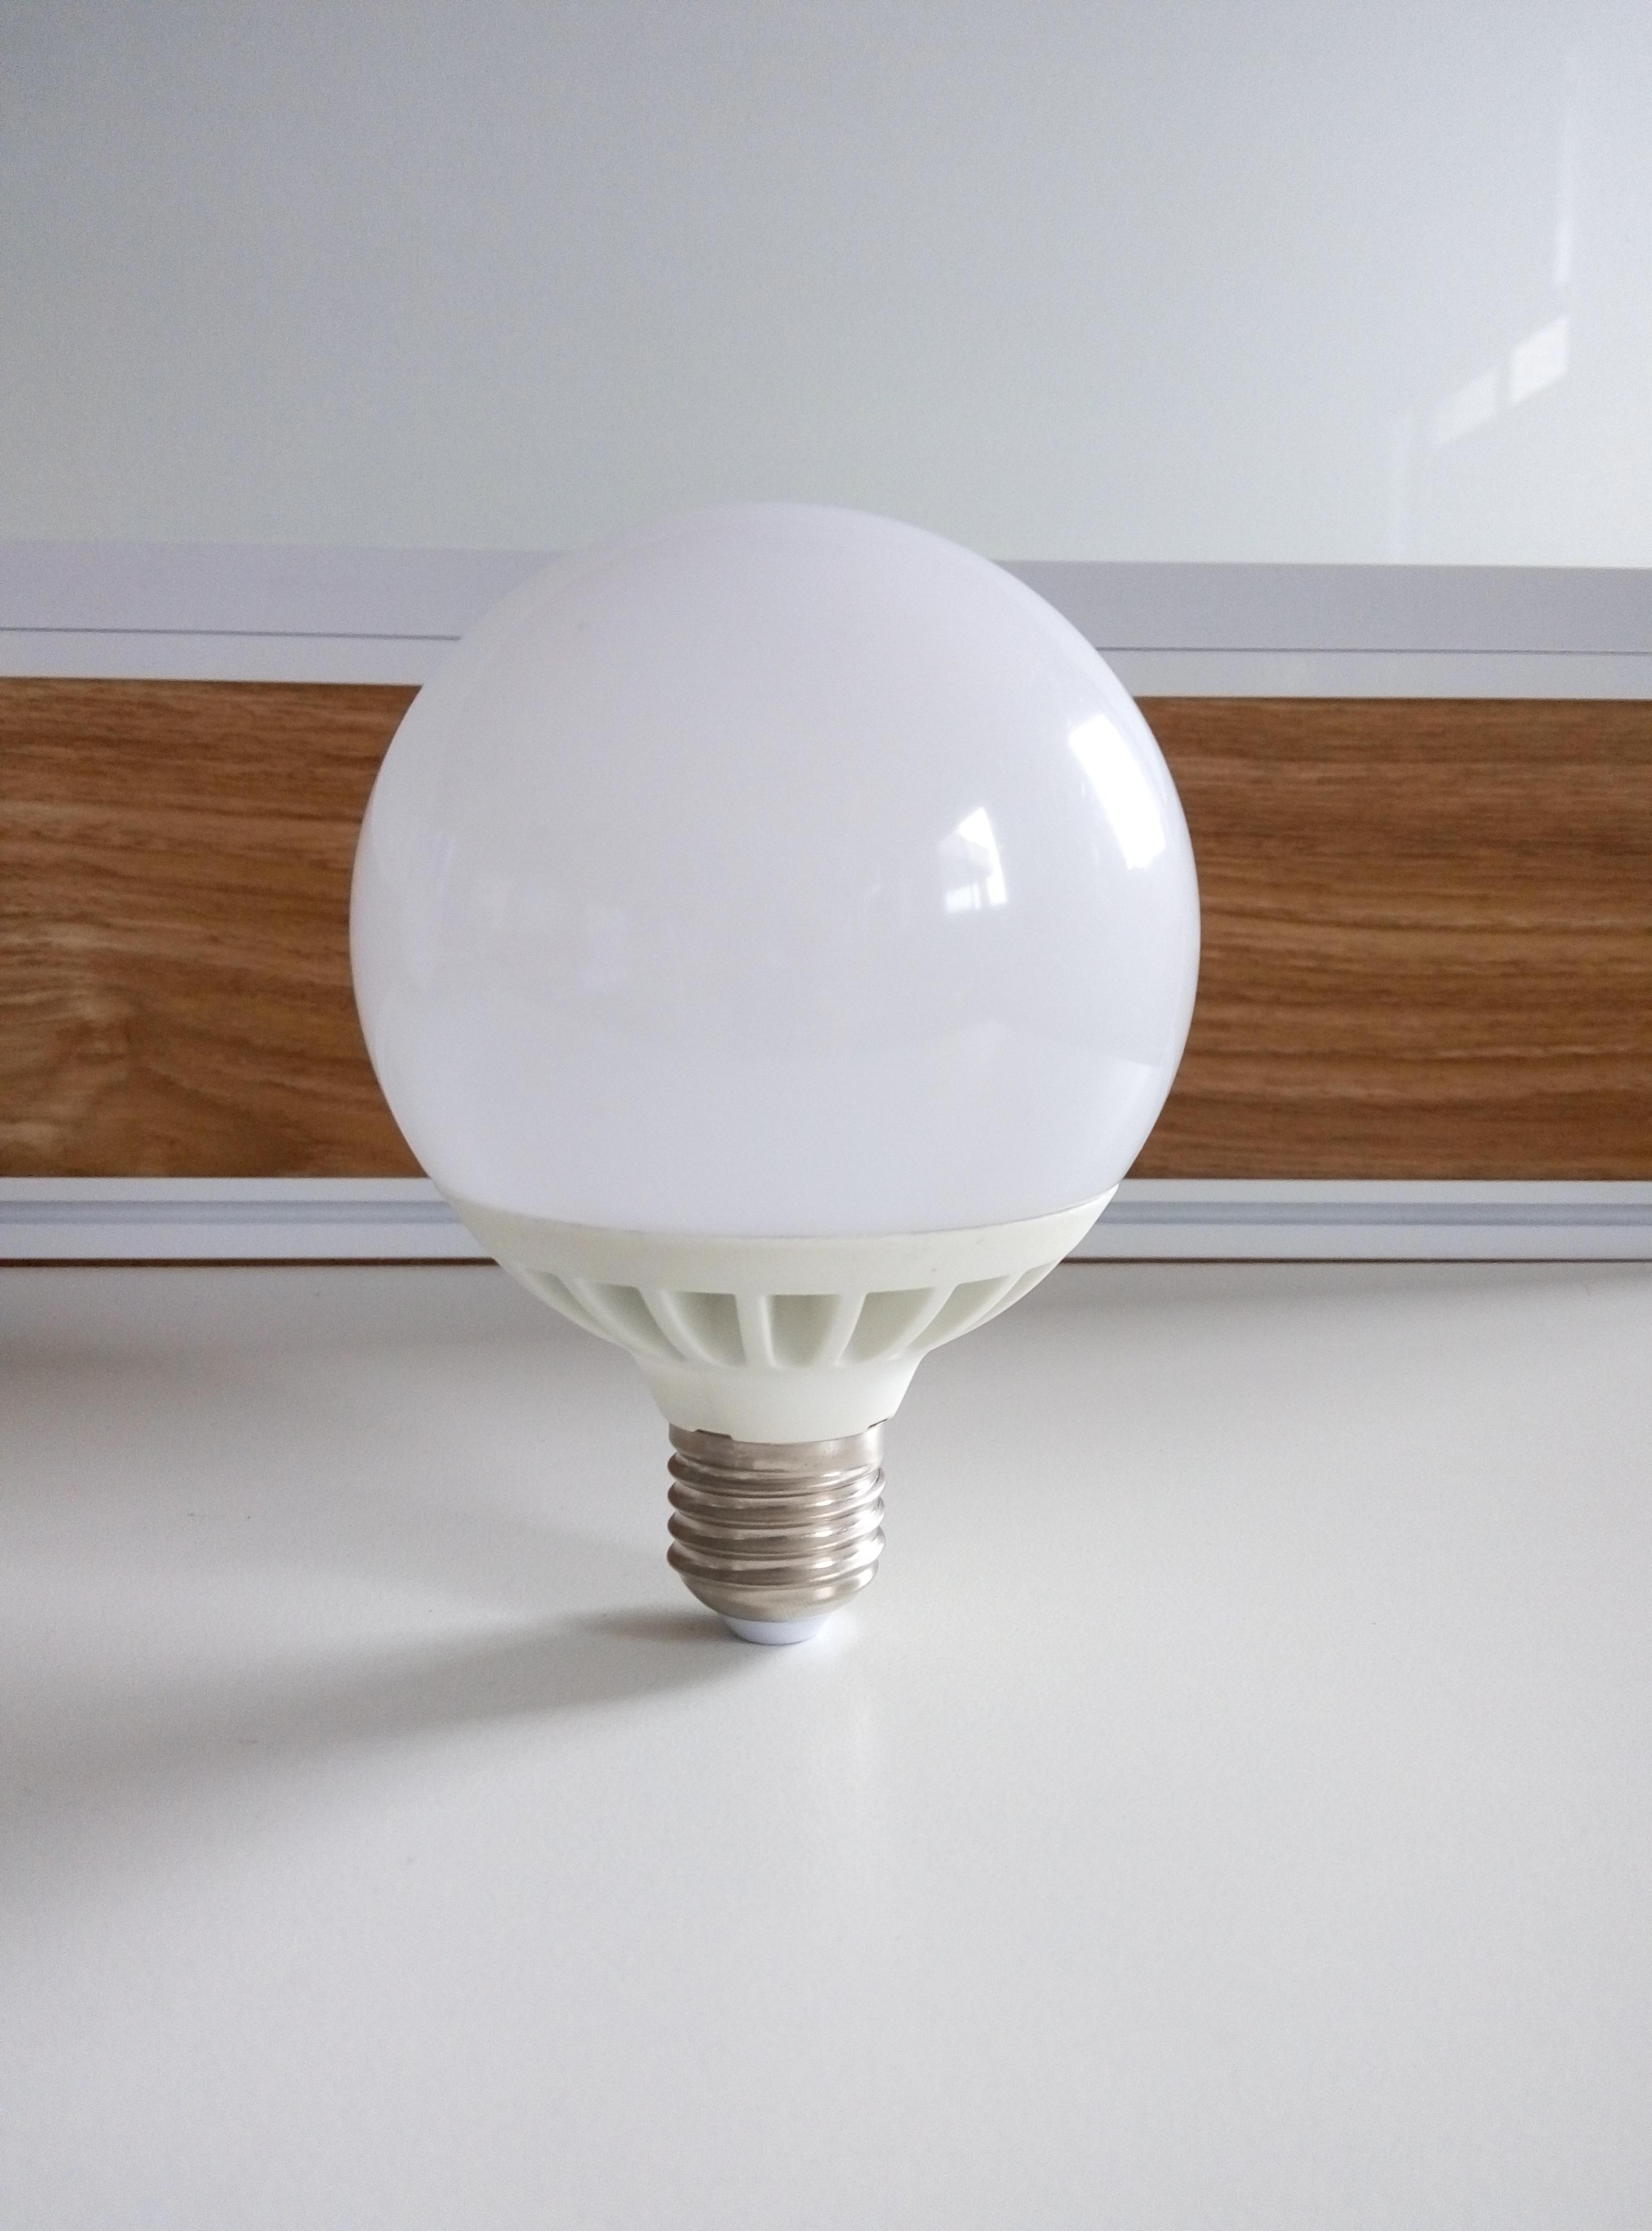 Светодиодная лампа VKlux BK-27W15G95Светодиодные лампы<br><br><br>Тип: светодиодная лампа<br>Тип цоколя: E27<br>Рабочее напряжение, В: 220<br>Мощность, Вт: 15<br>Световой поток, Лм: 1500<br>Цветовая температура, K: 3000<br>Угол раскрытия, °: 270